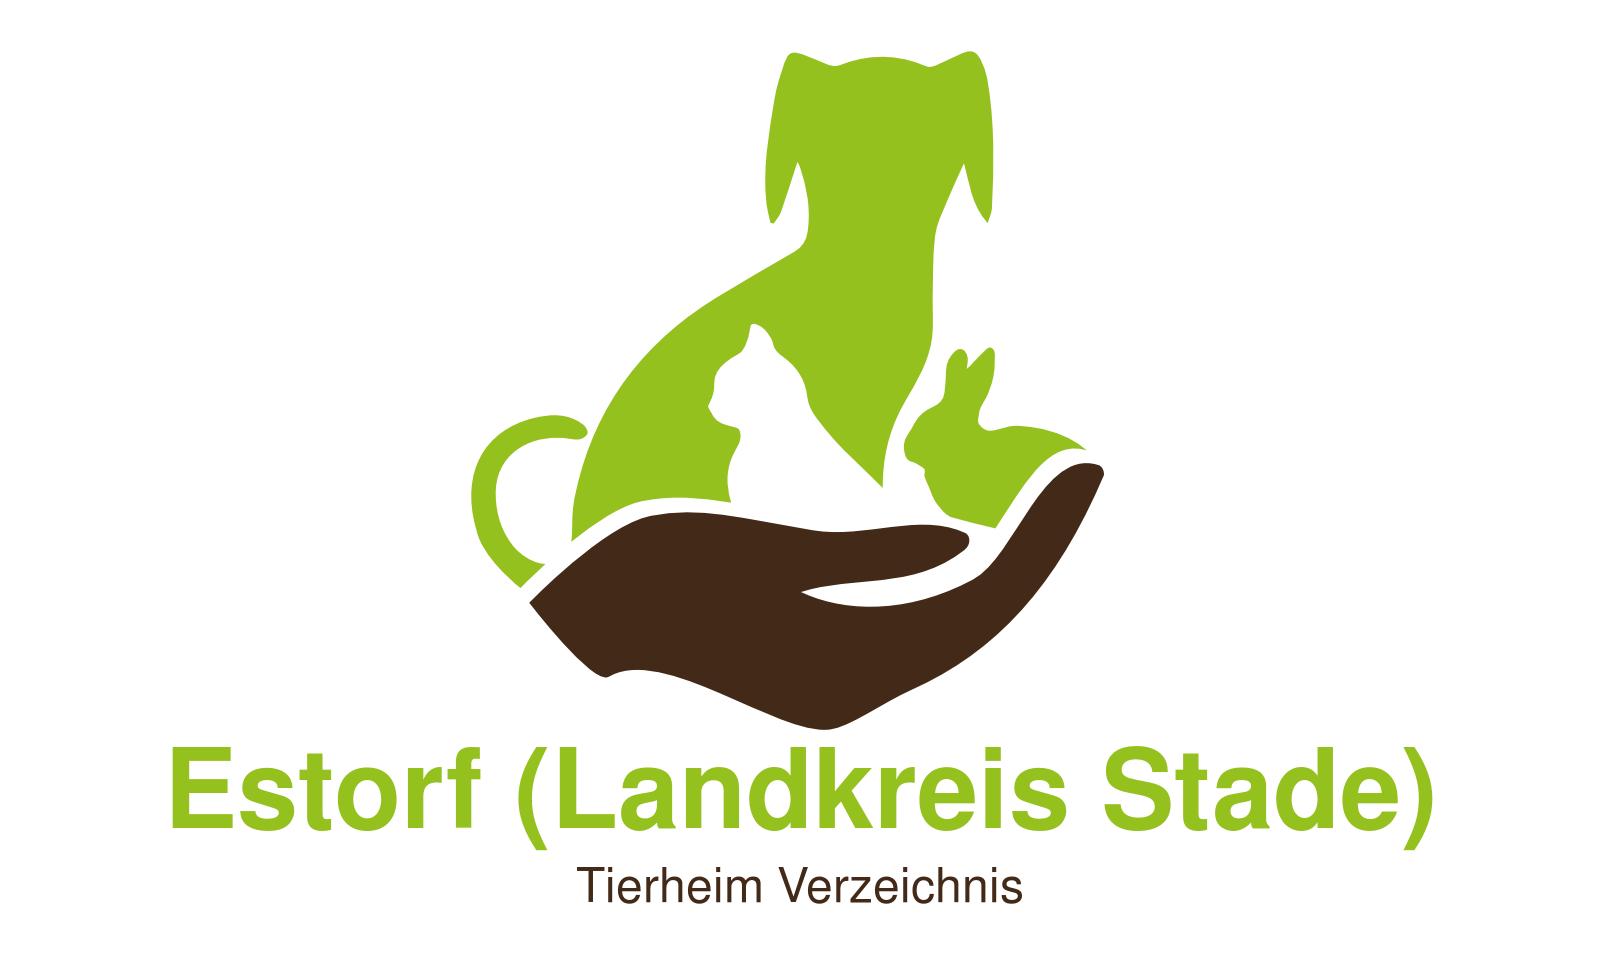 Tierheim Estorf (Landkreis Stade)